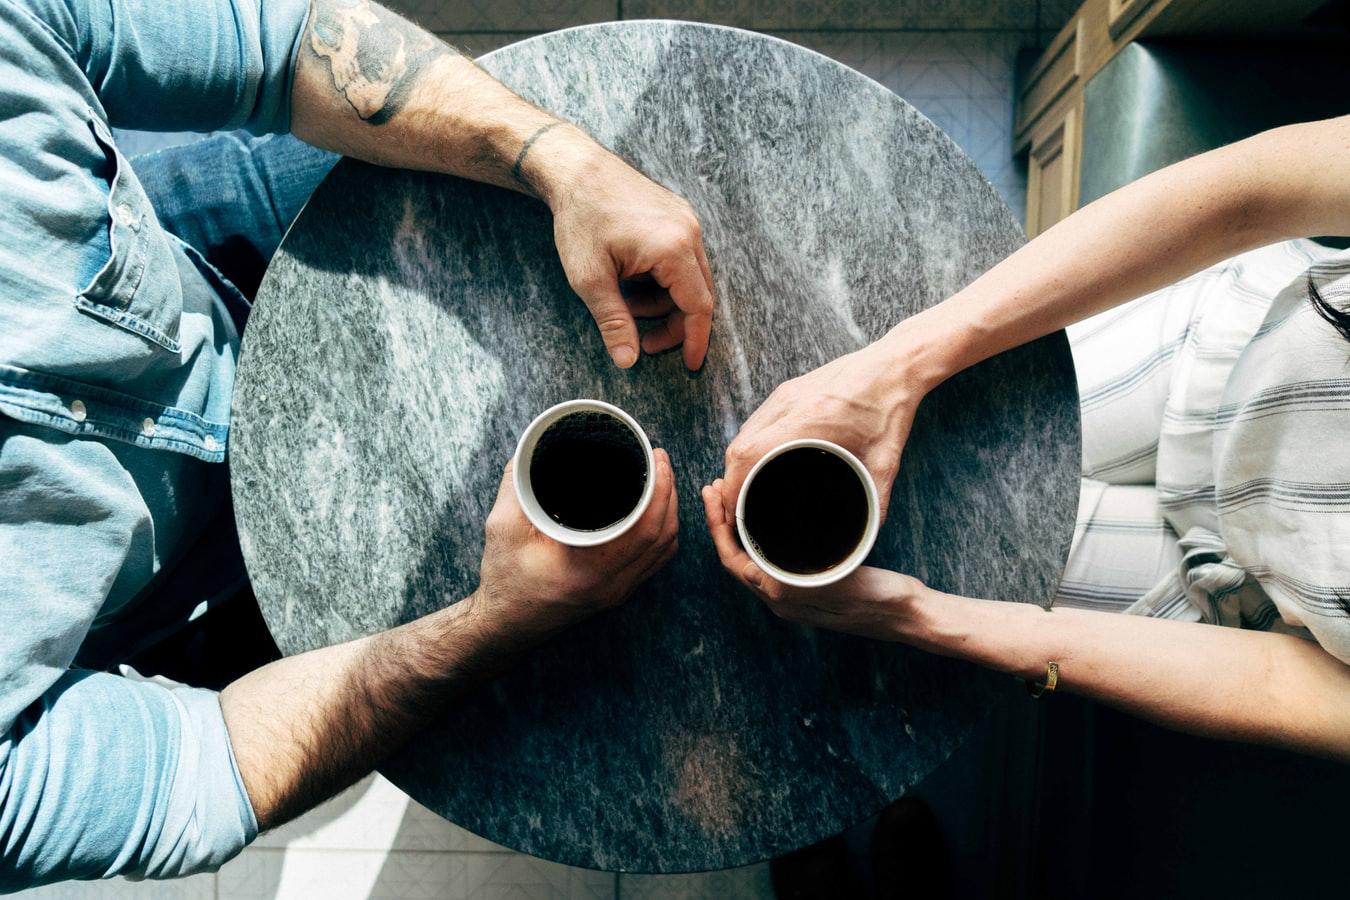 出会いもマンネリ。新たな出会いが欲しい人に!ときめく出会いの方法3選